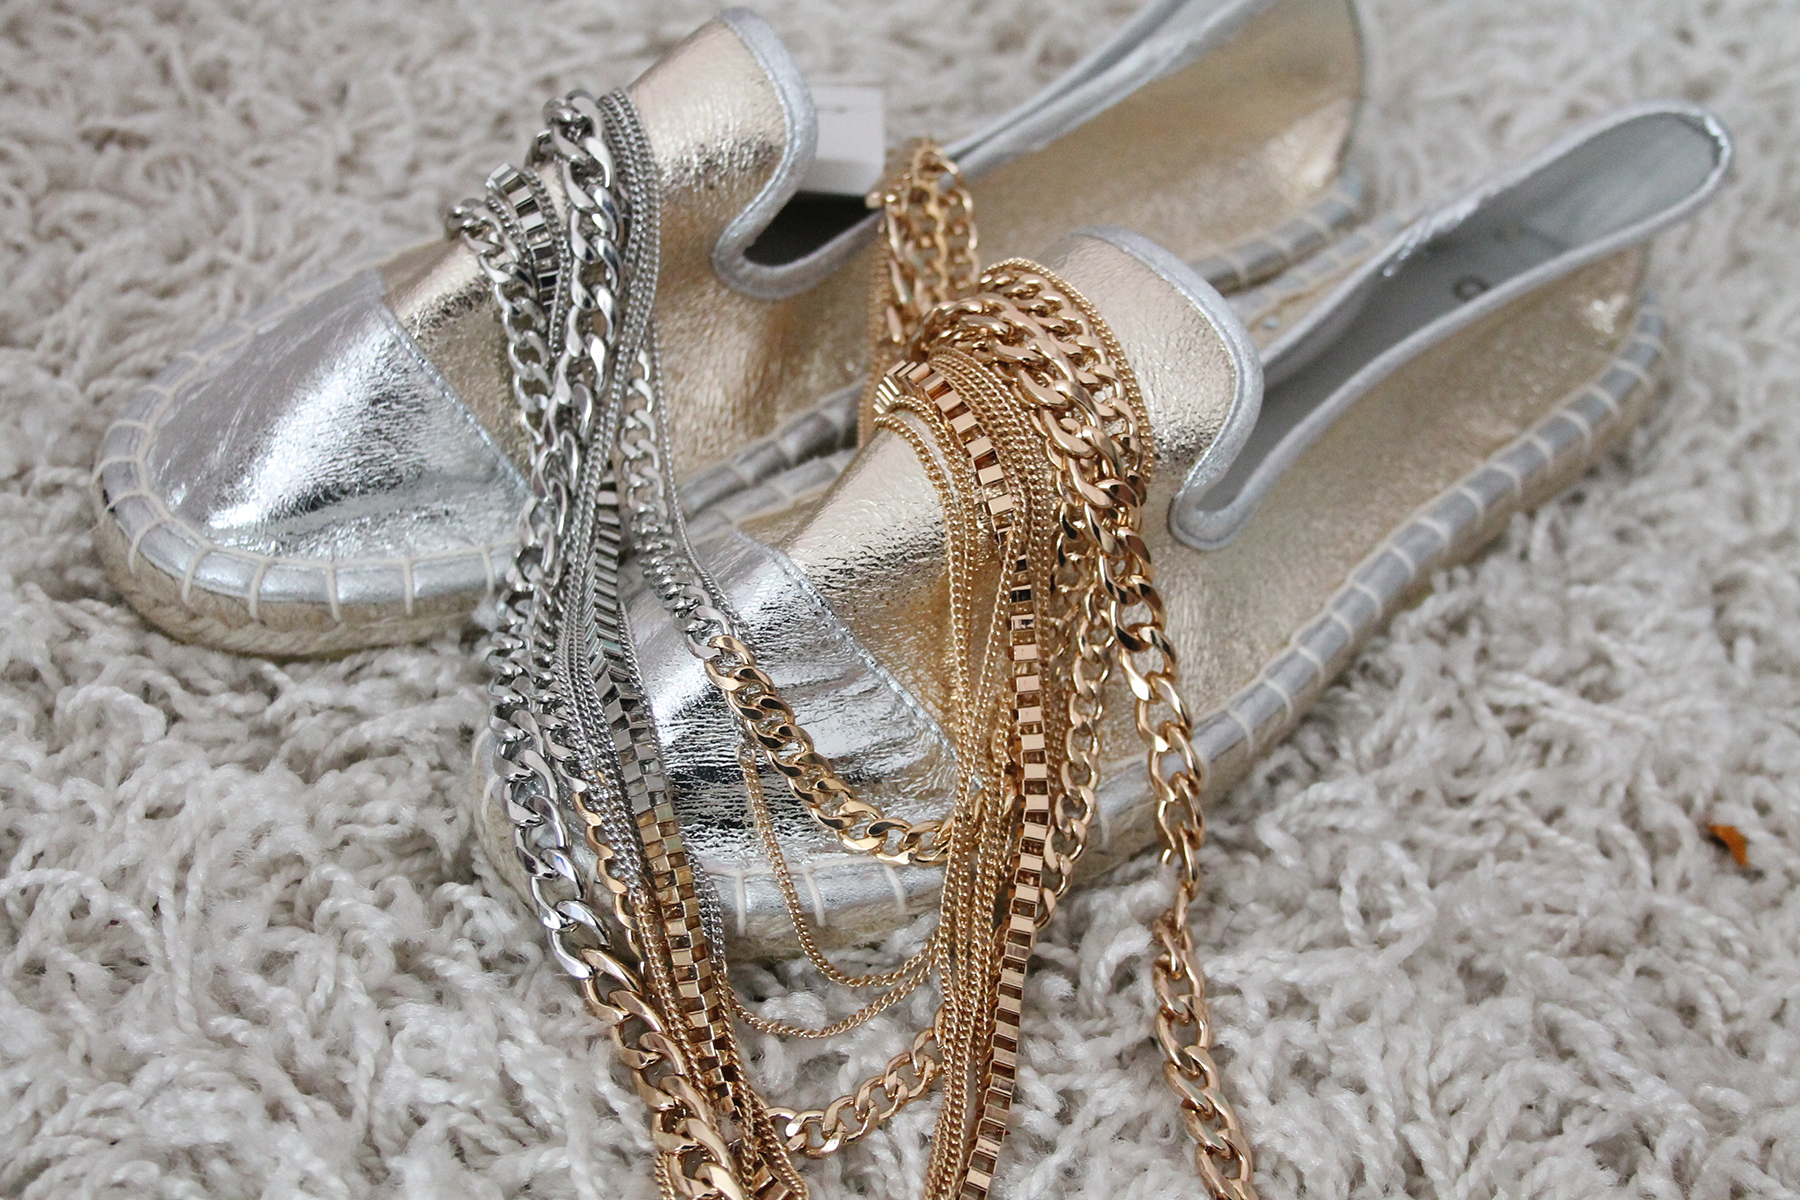 espadrilles-schuhe-sommer-trend-silber-gold-beliebter-modeblog-fashionblog-kette